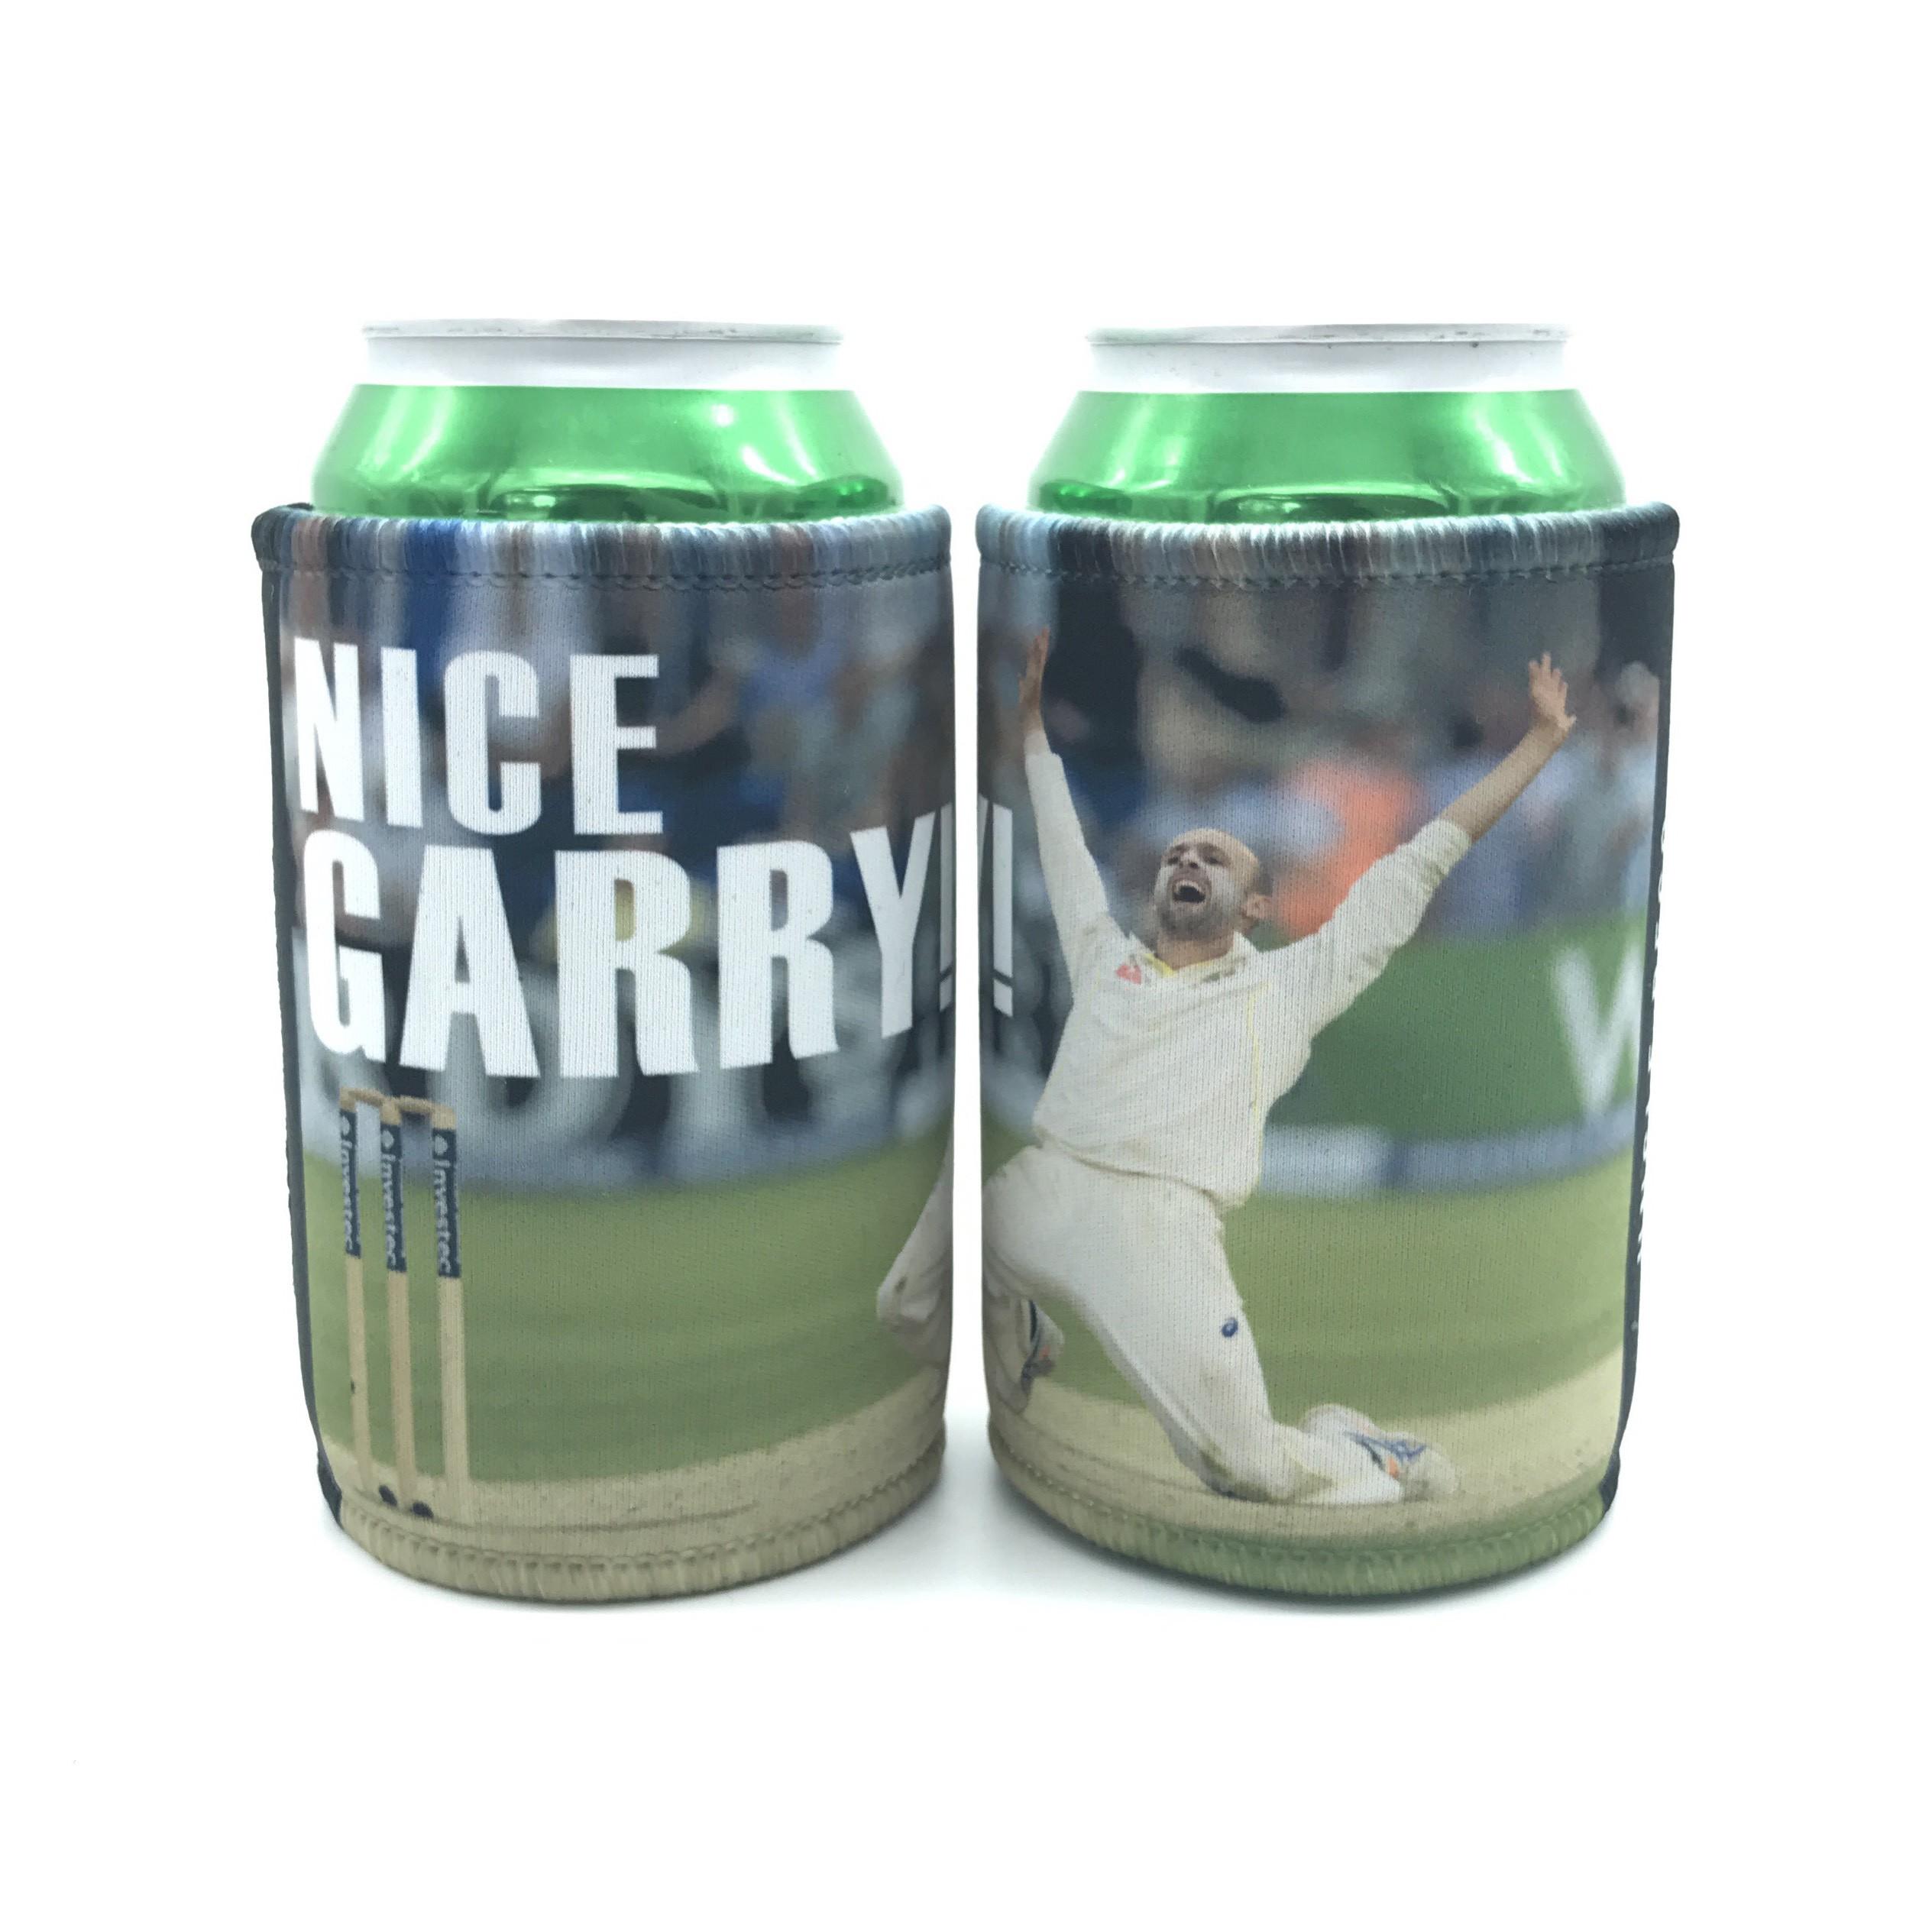 NICE GARRY STUBBY HOLDER